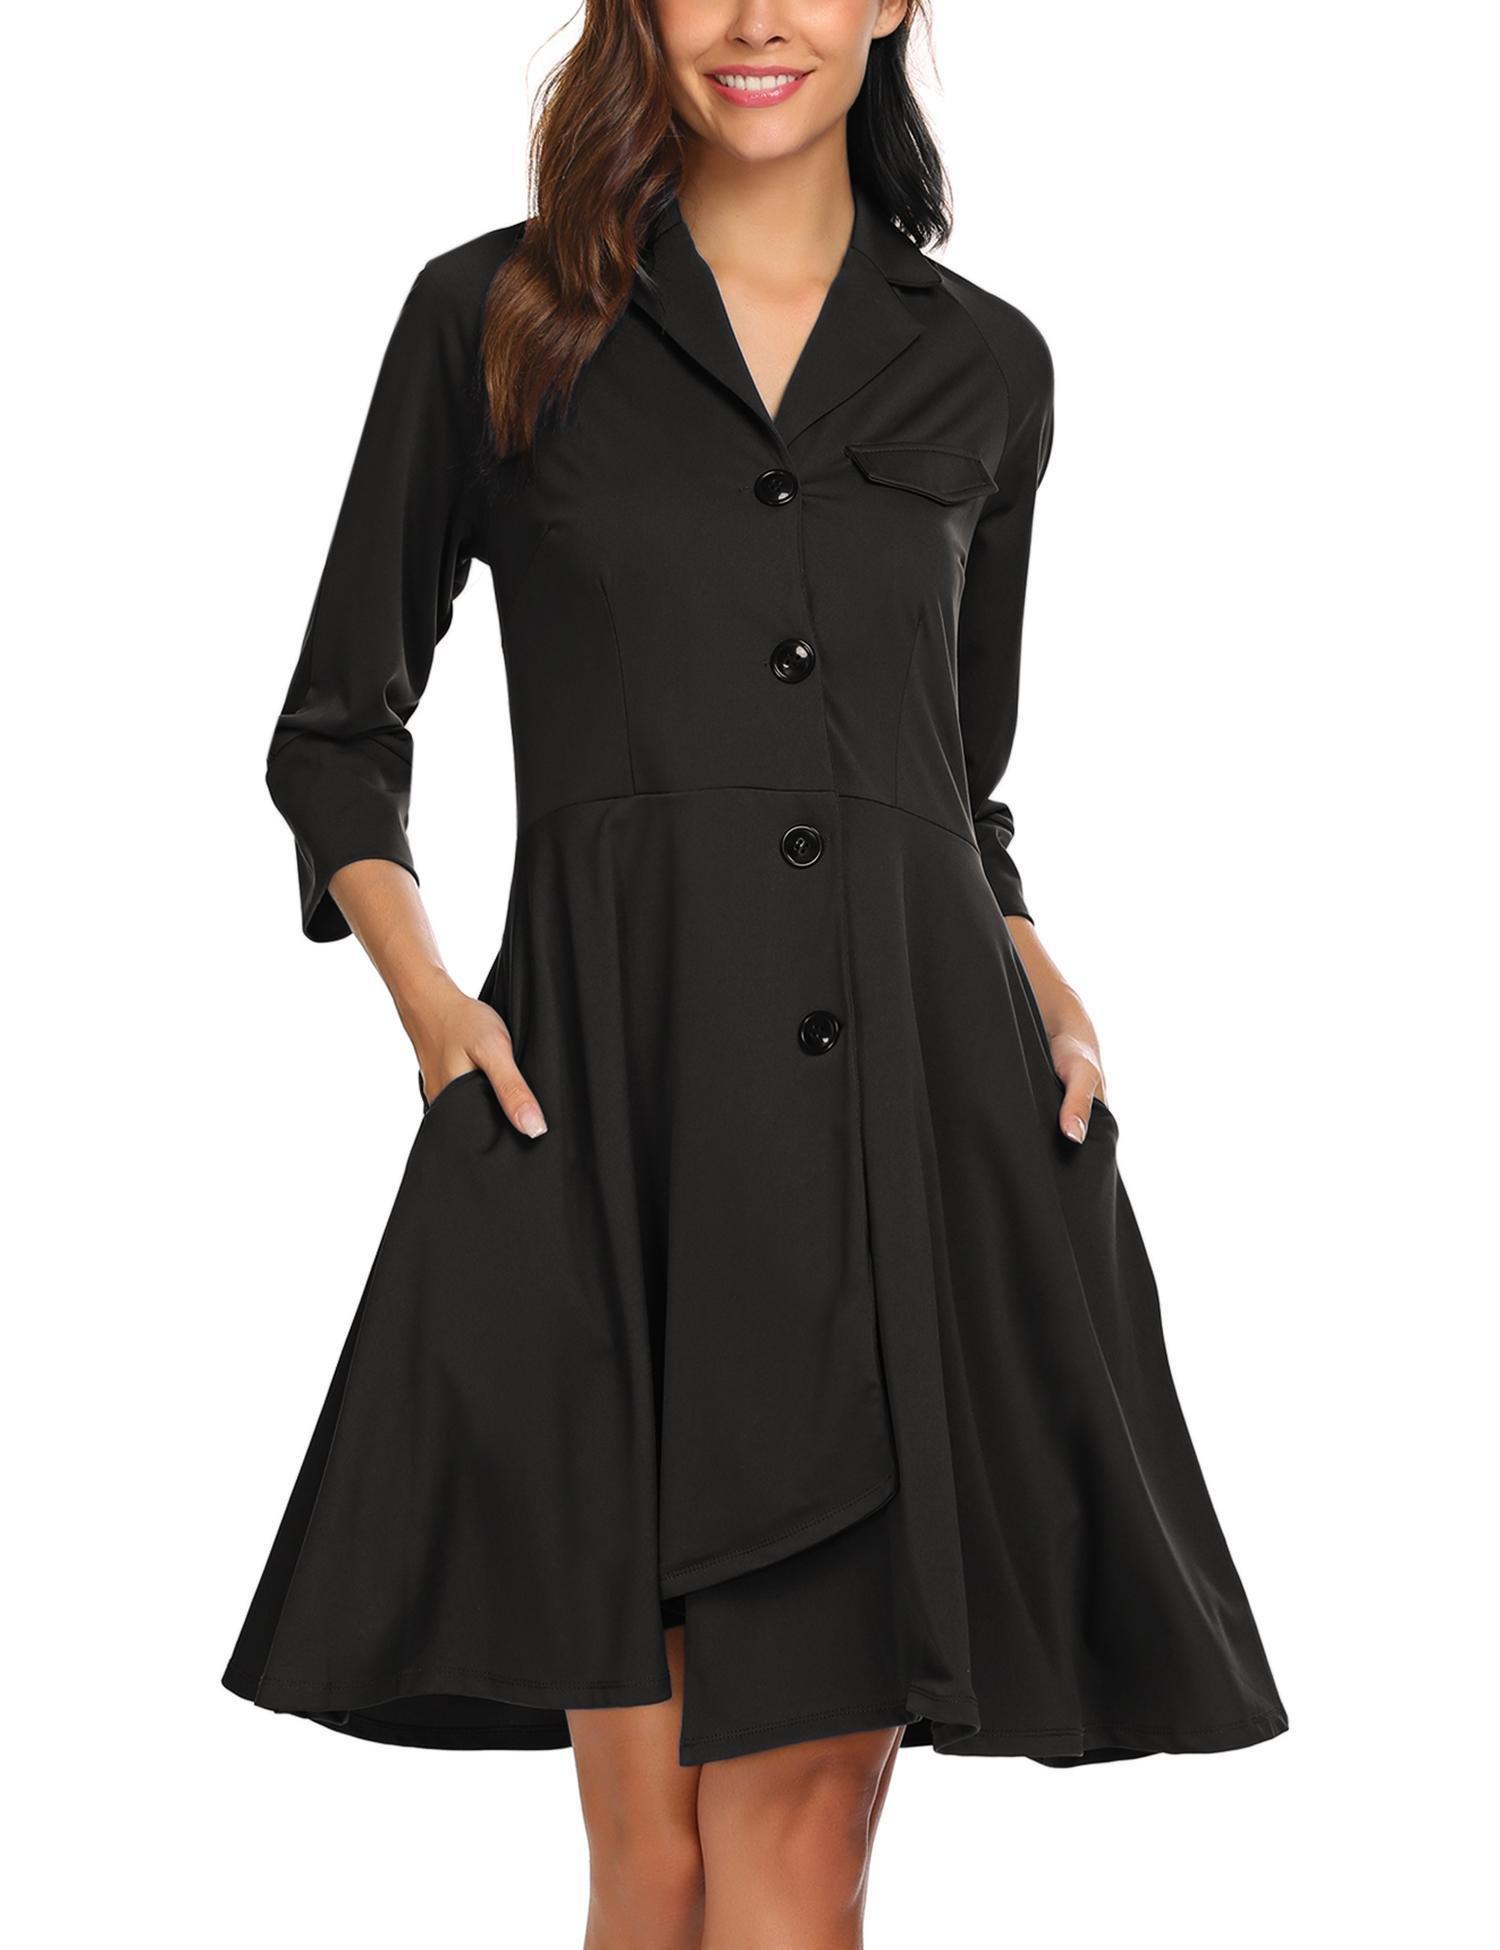 ELESOL Women Long Sleeve Trench Coat Dress Coat Style Overcoat Outwear Black L